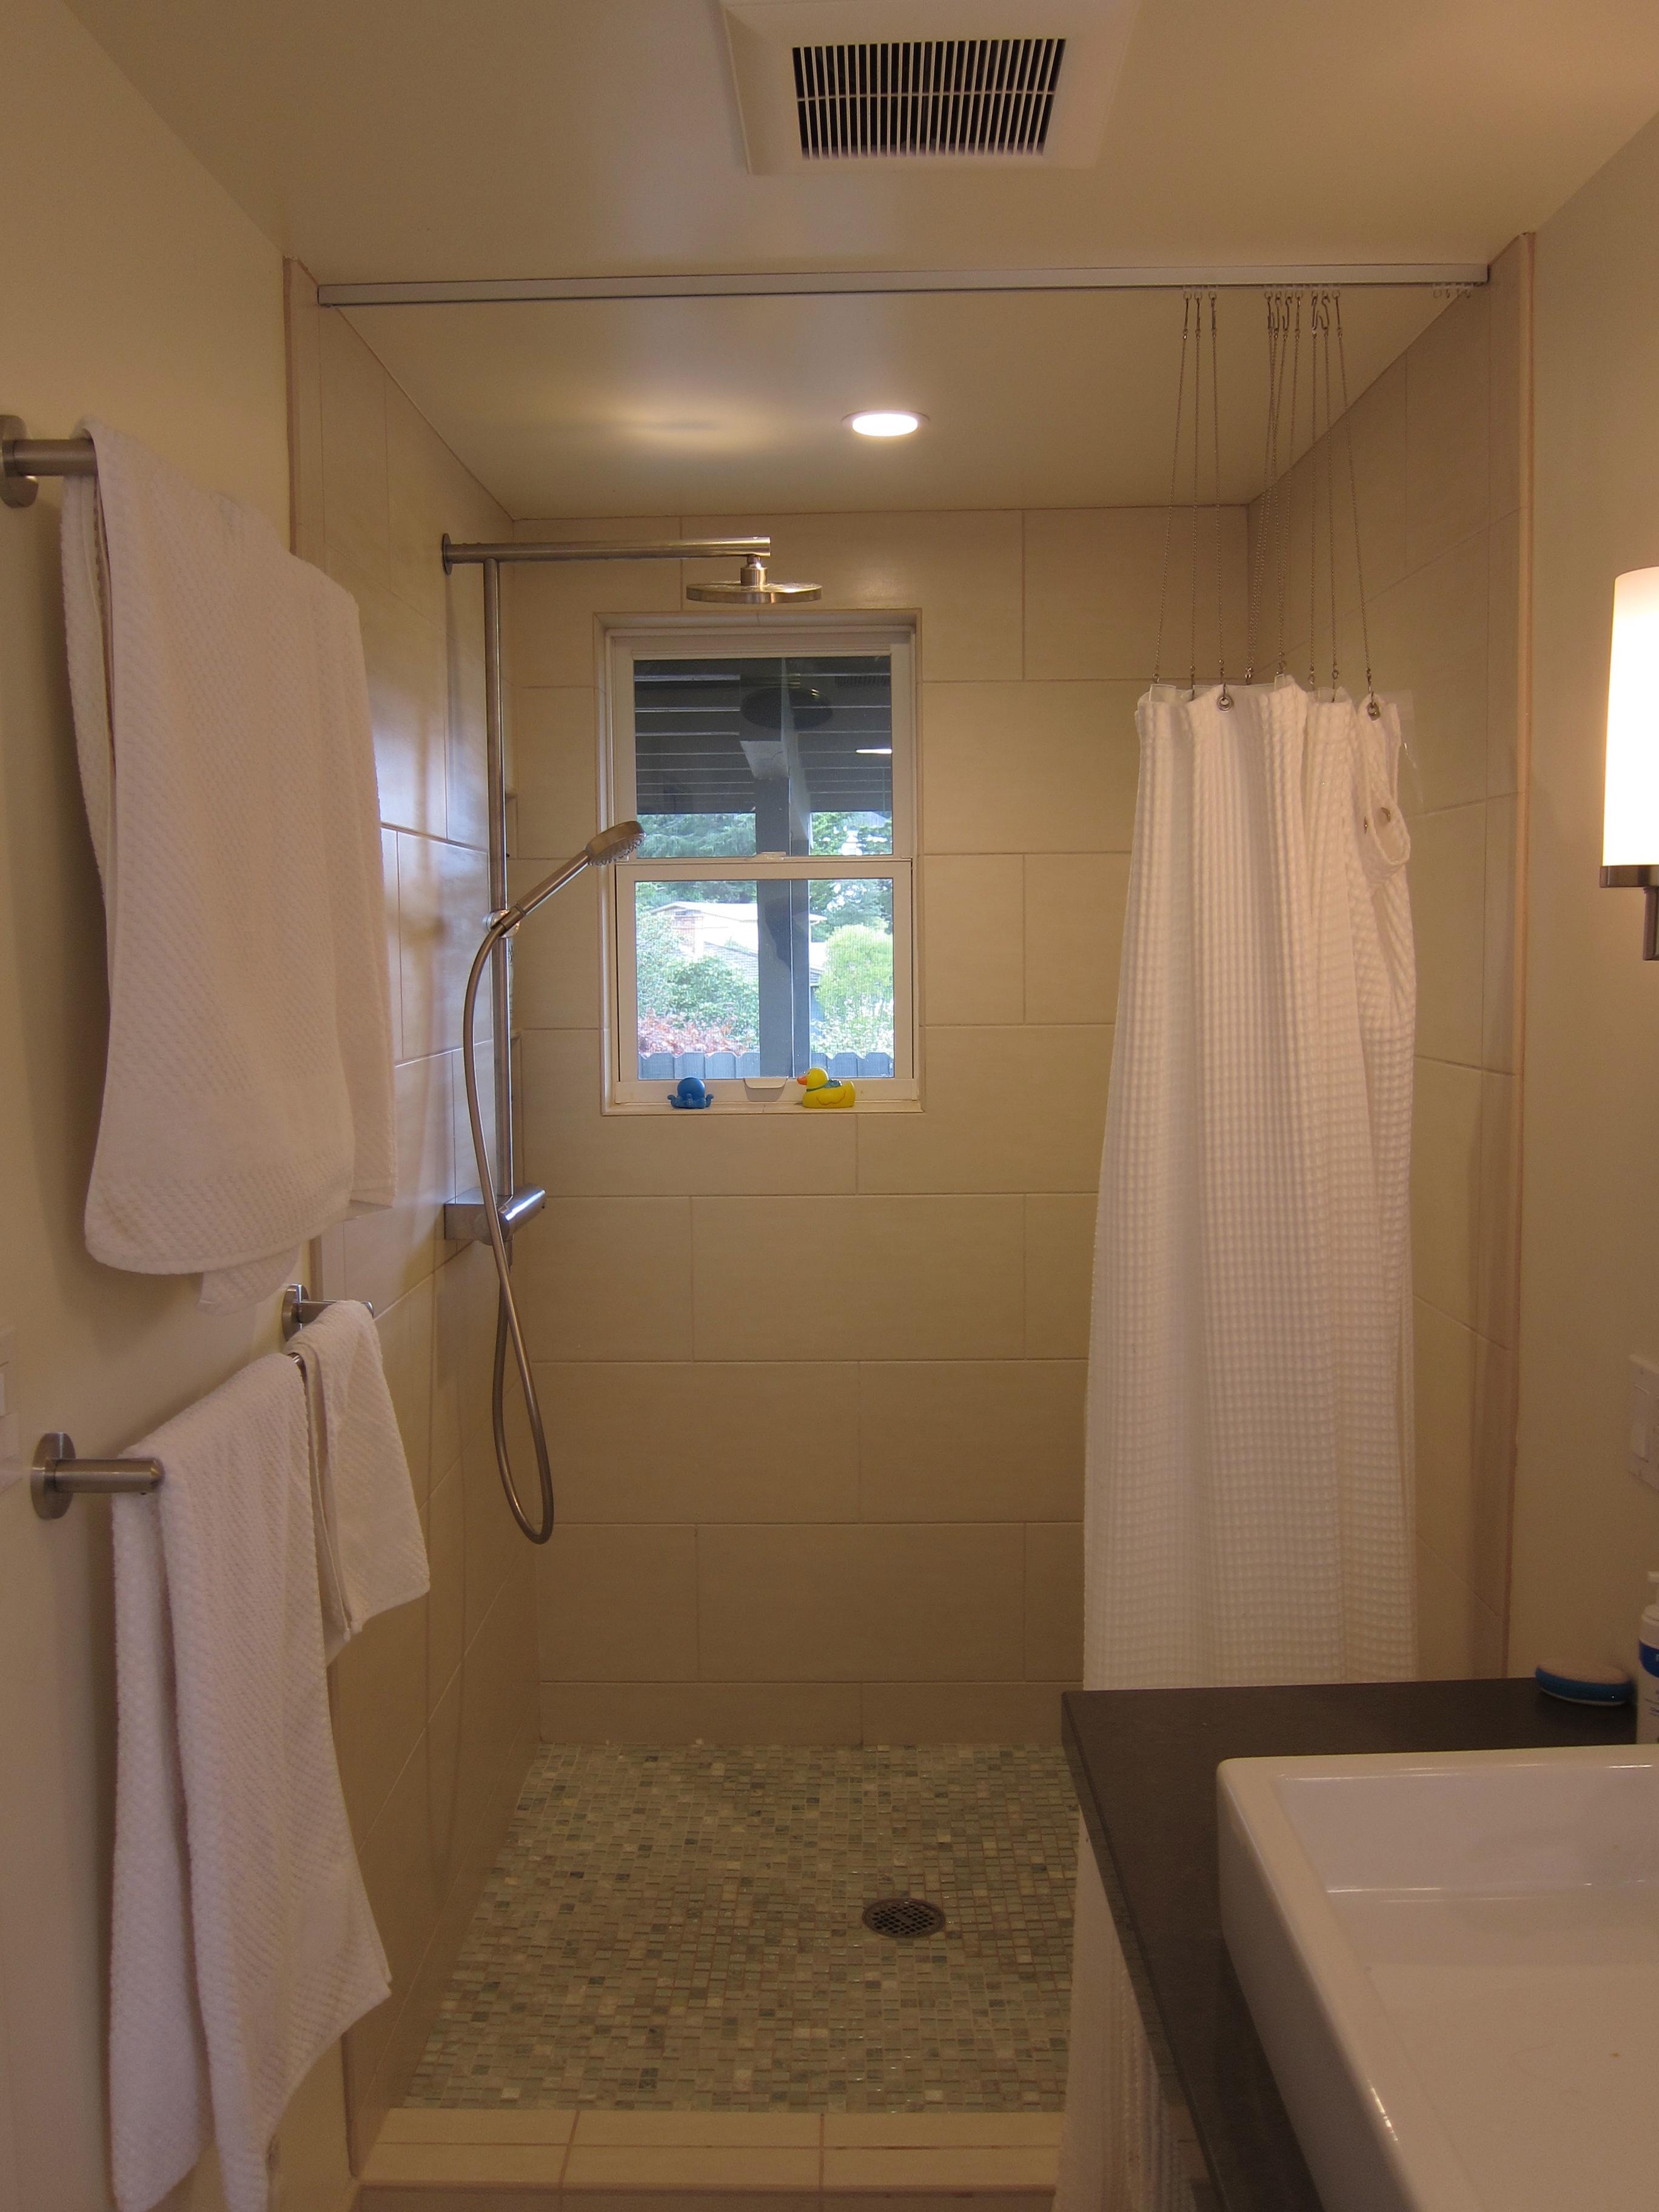 Bathroom Deedsdesign